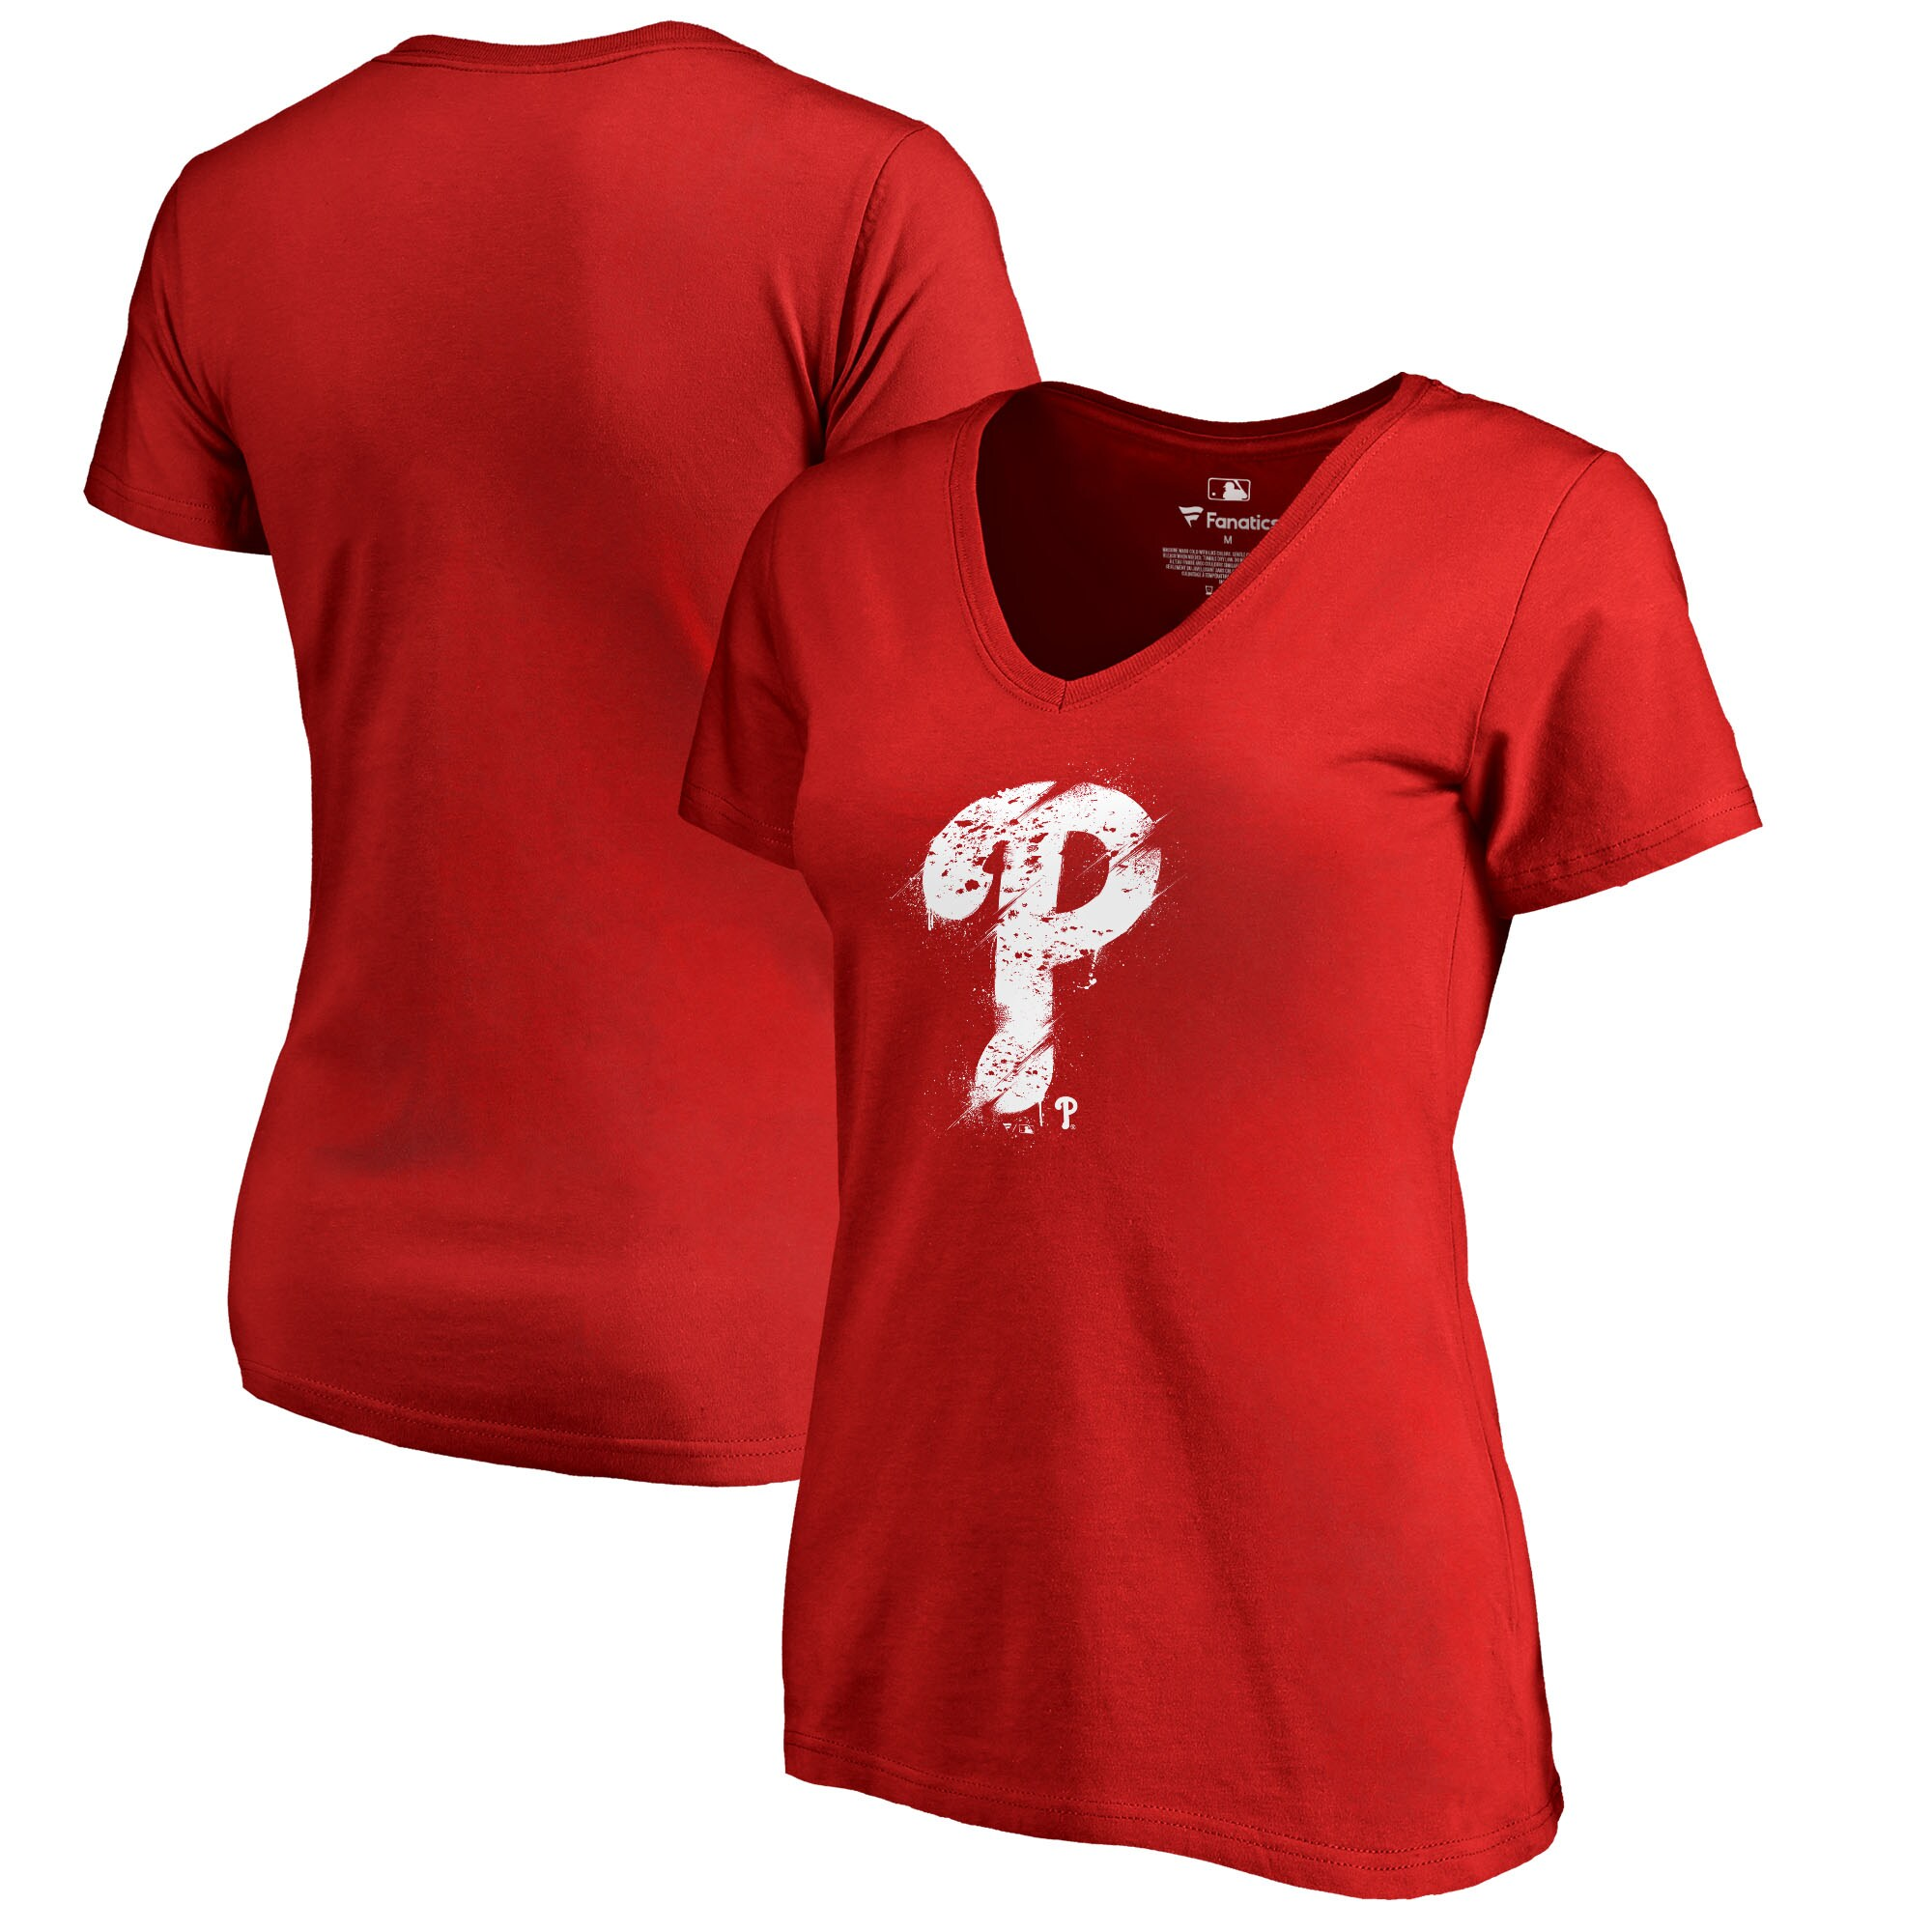 Philadelphia Phillies Fanatics Branded Women's Splatter Logo Plus Size V-Neck T-Shirt - Red